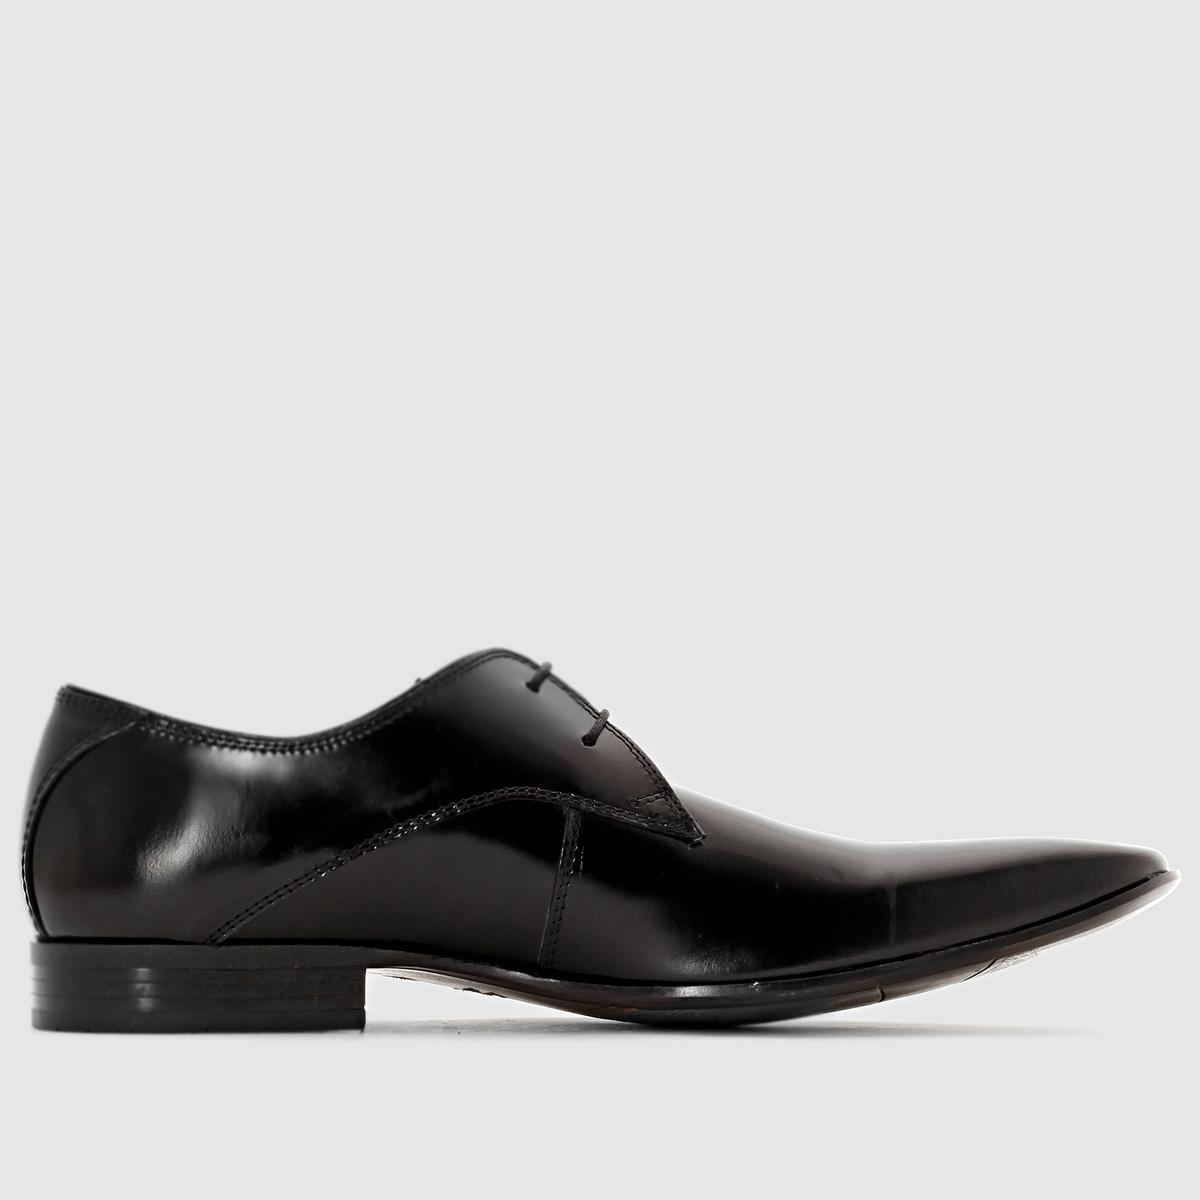 Ботинки-дерби кожаные Pekani ботинки дерби под кожу питона